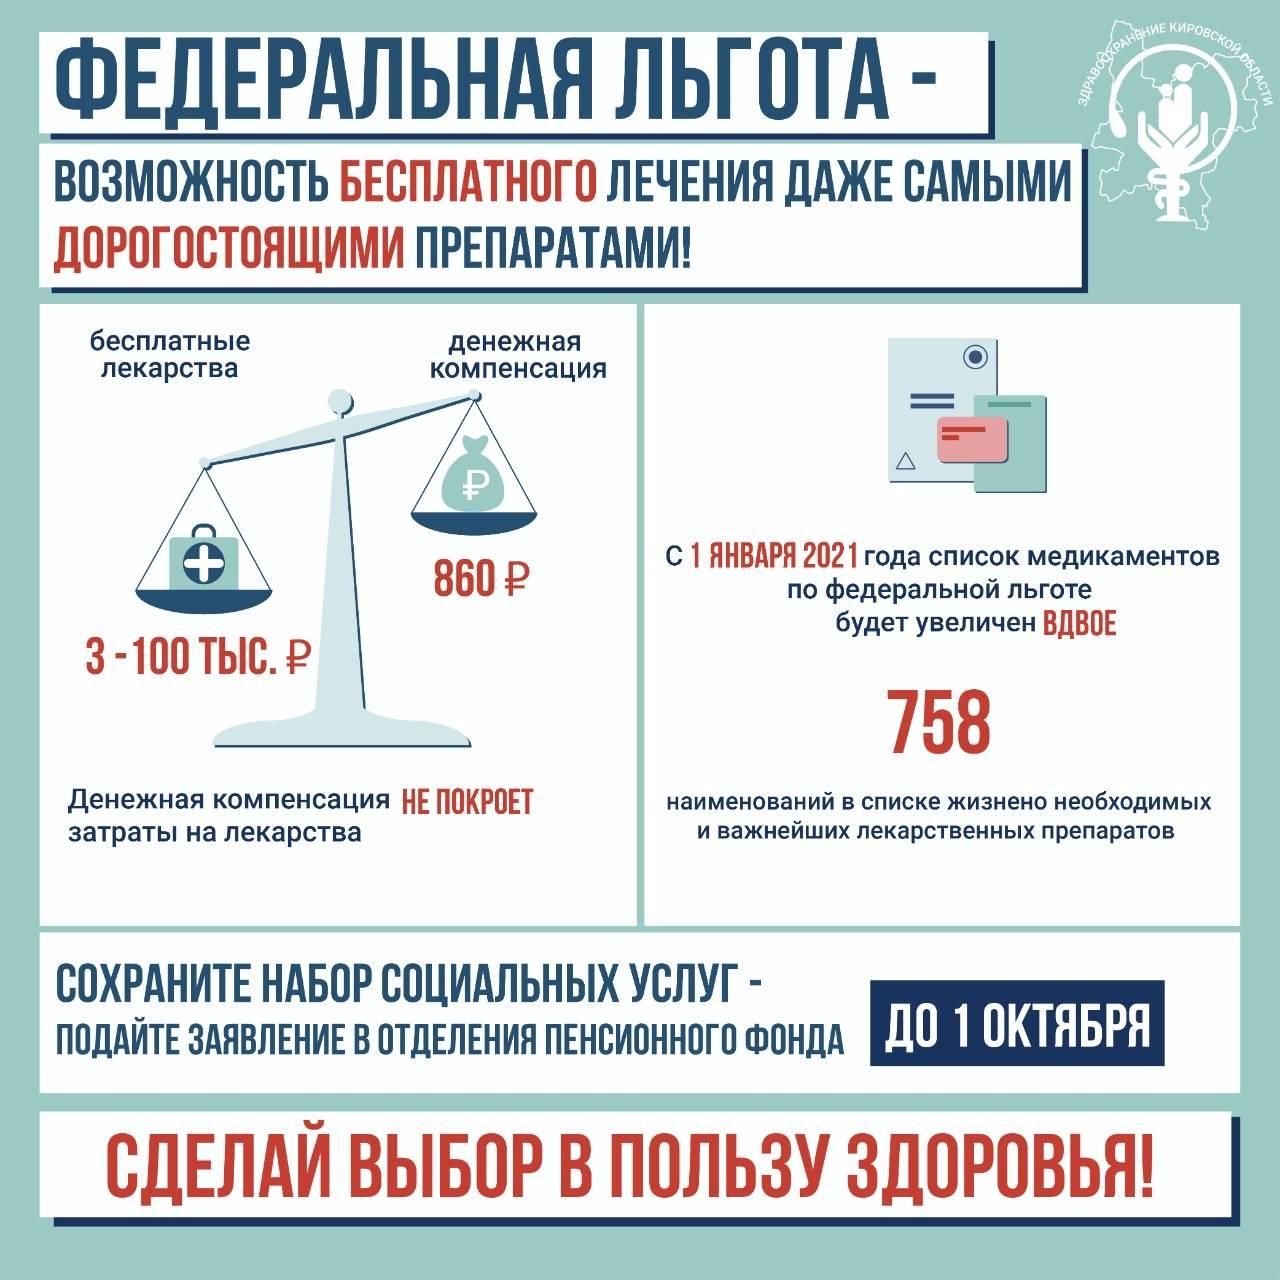 Компенсационные выплаты в 2021 году